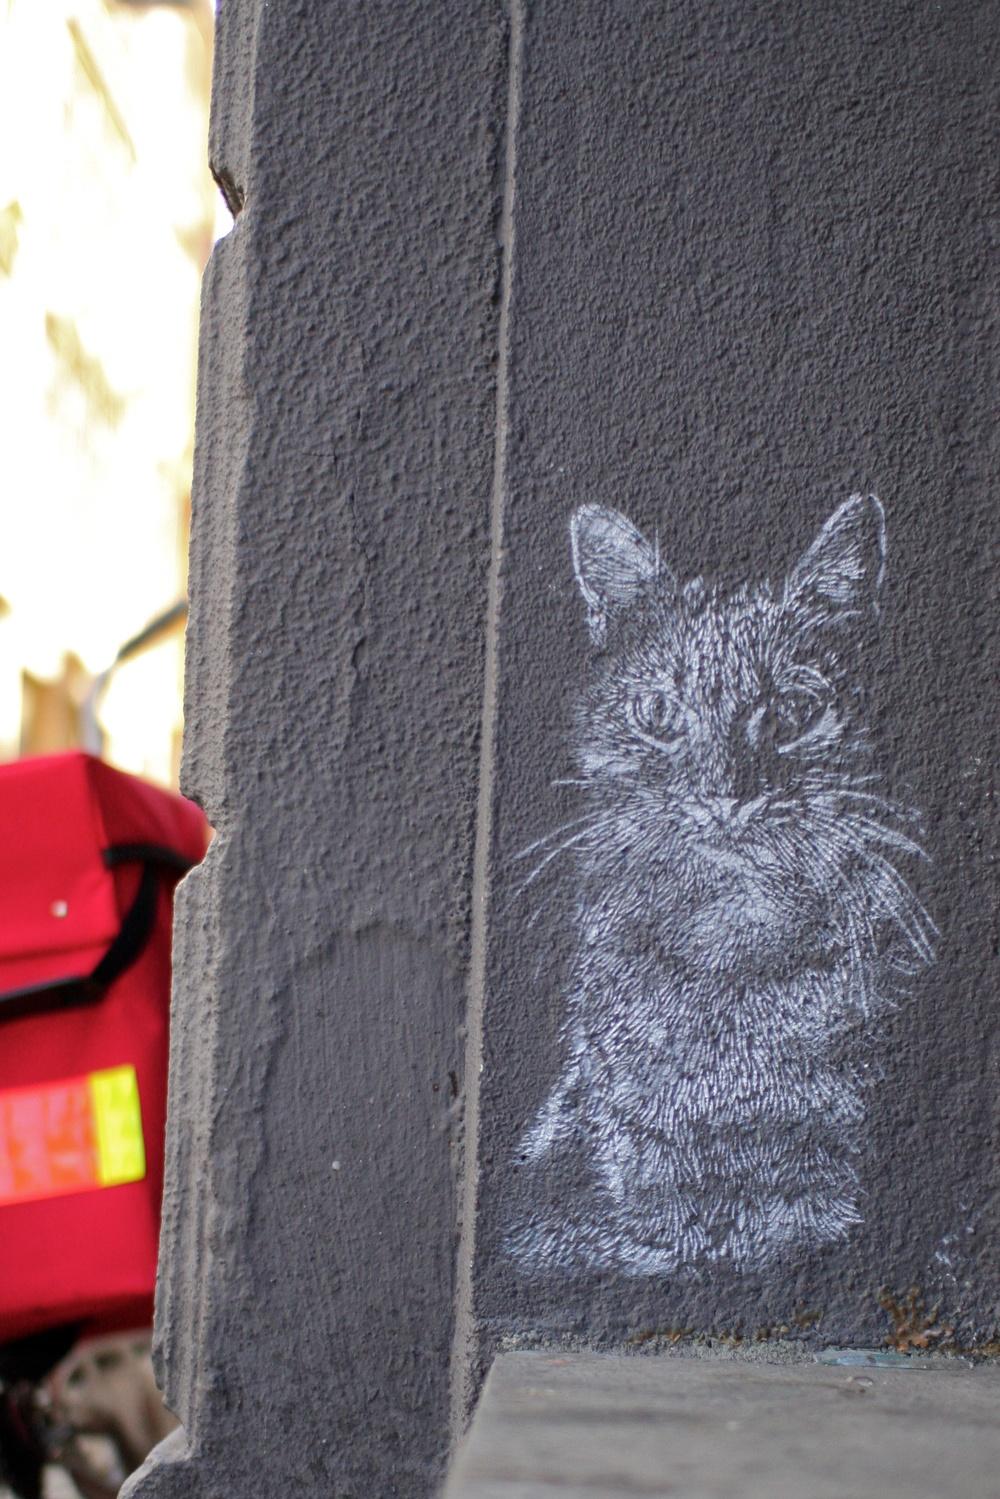 – Jeg liker katter. Og så er det en del andre gatekunstnere som tegner rotter...